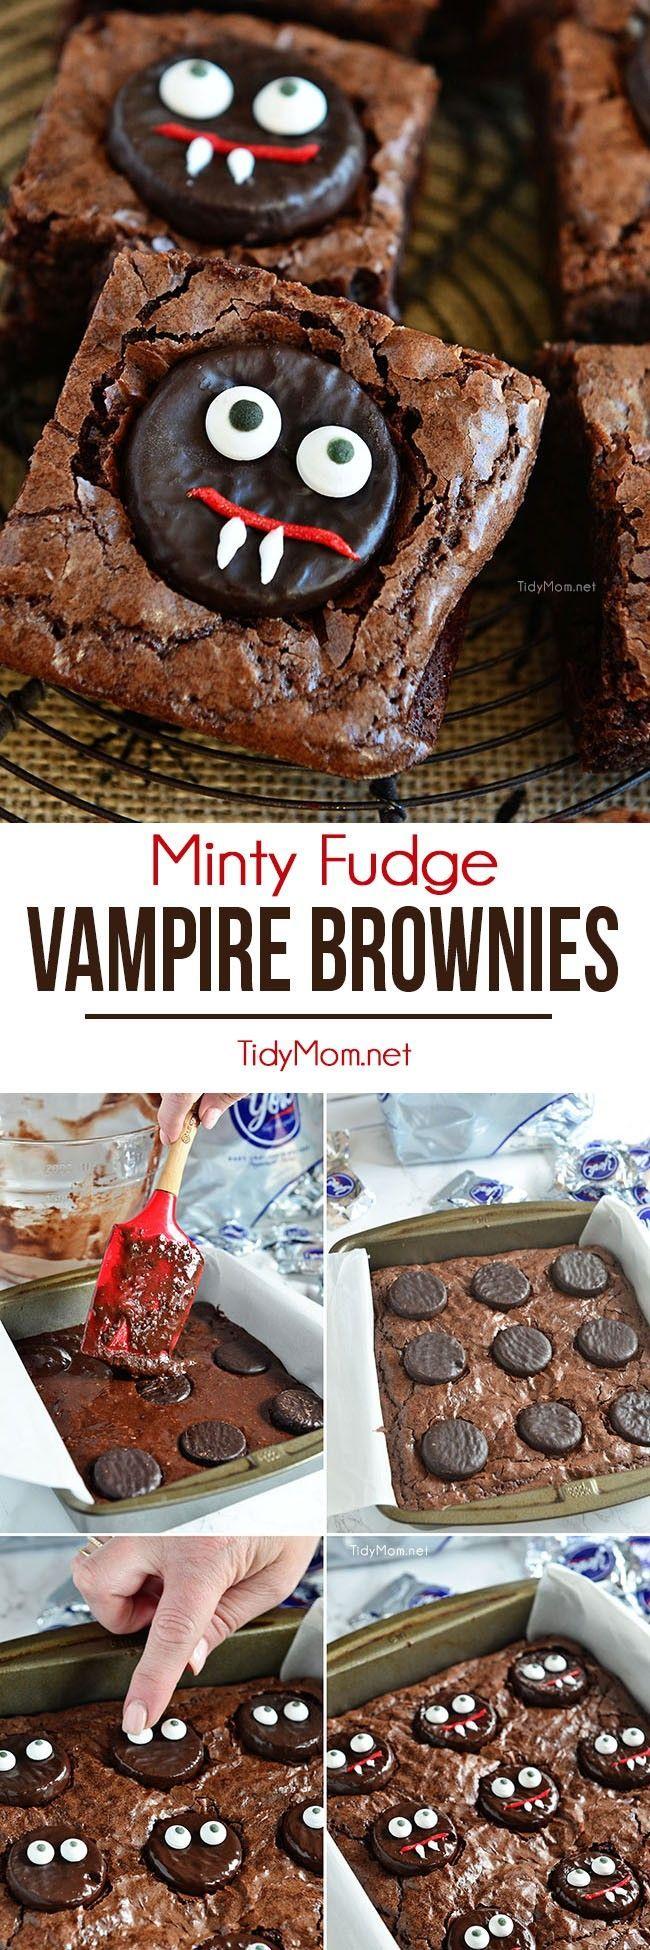 Minty Fudge Vampire Brownies